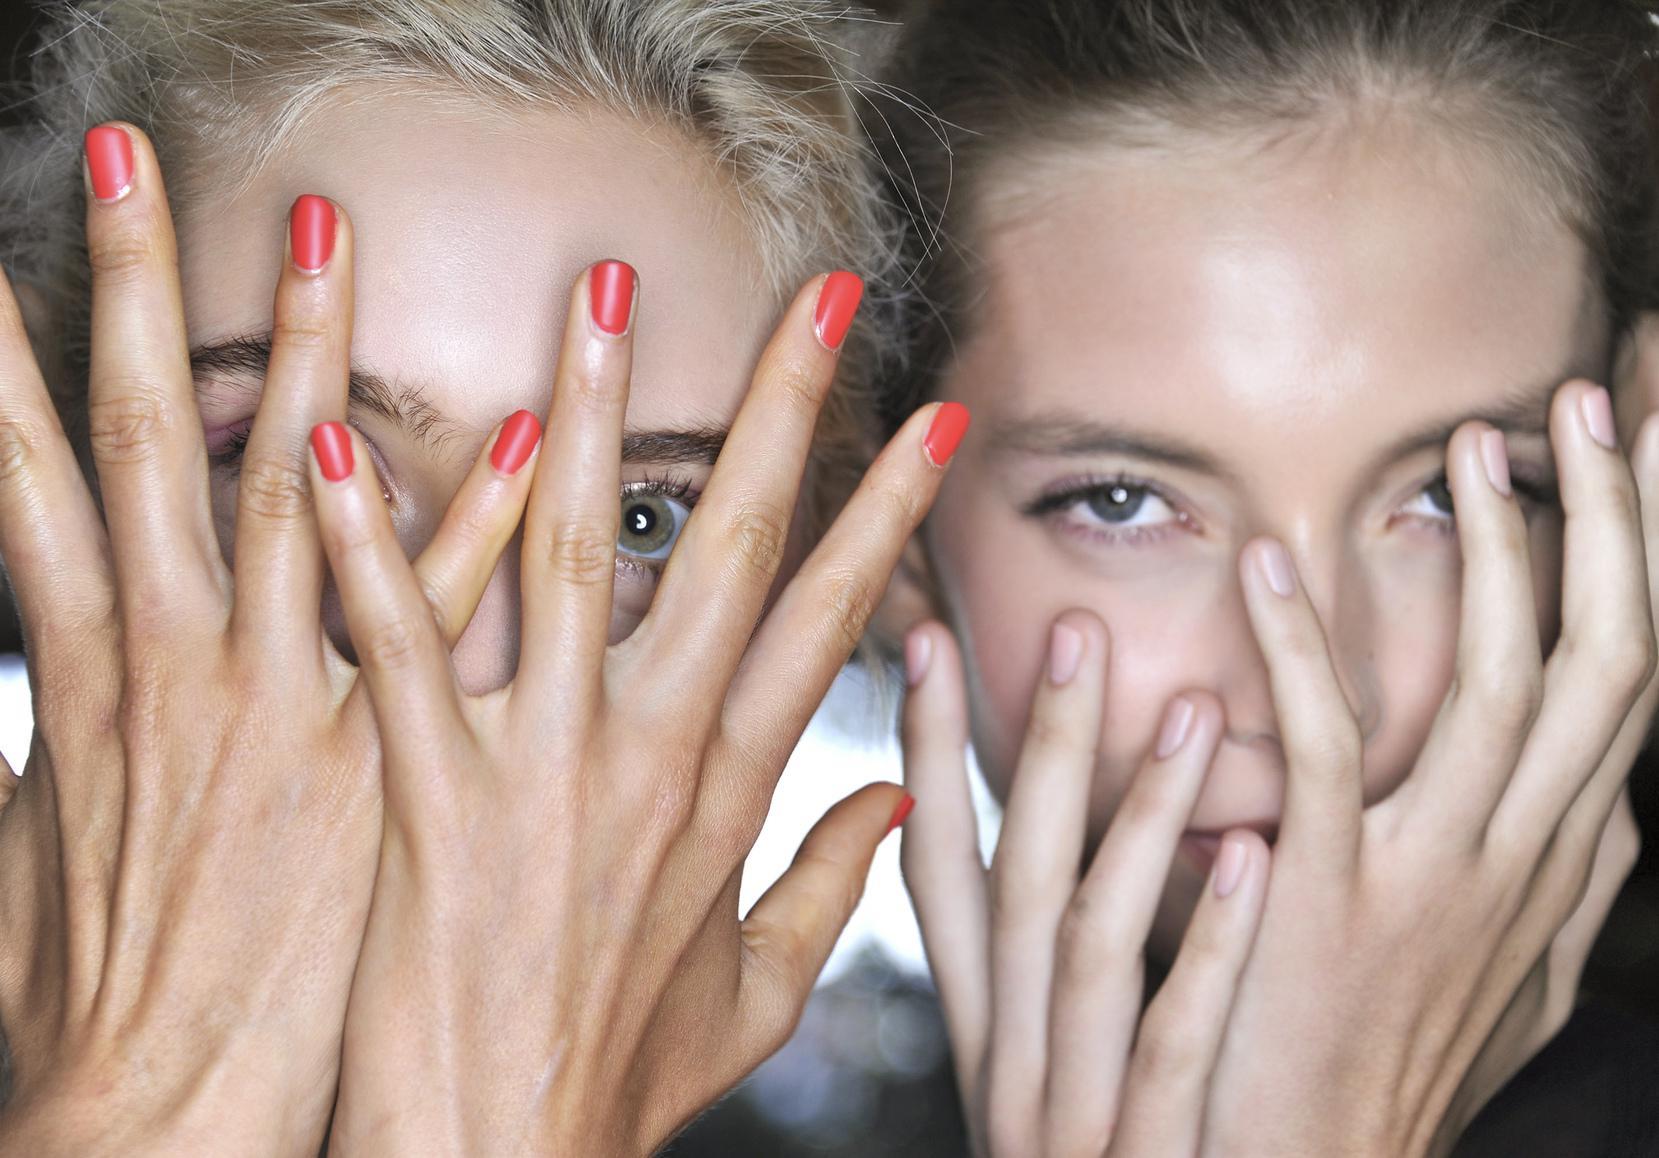 Ongles qui se d doublent comment viter les ongles d doubl s elle - Comment bien se couper les ongles ...